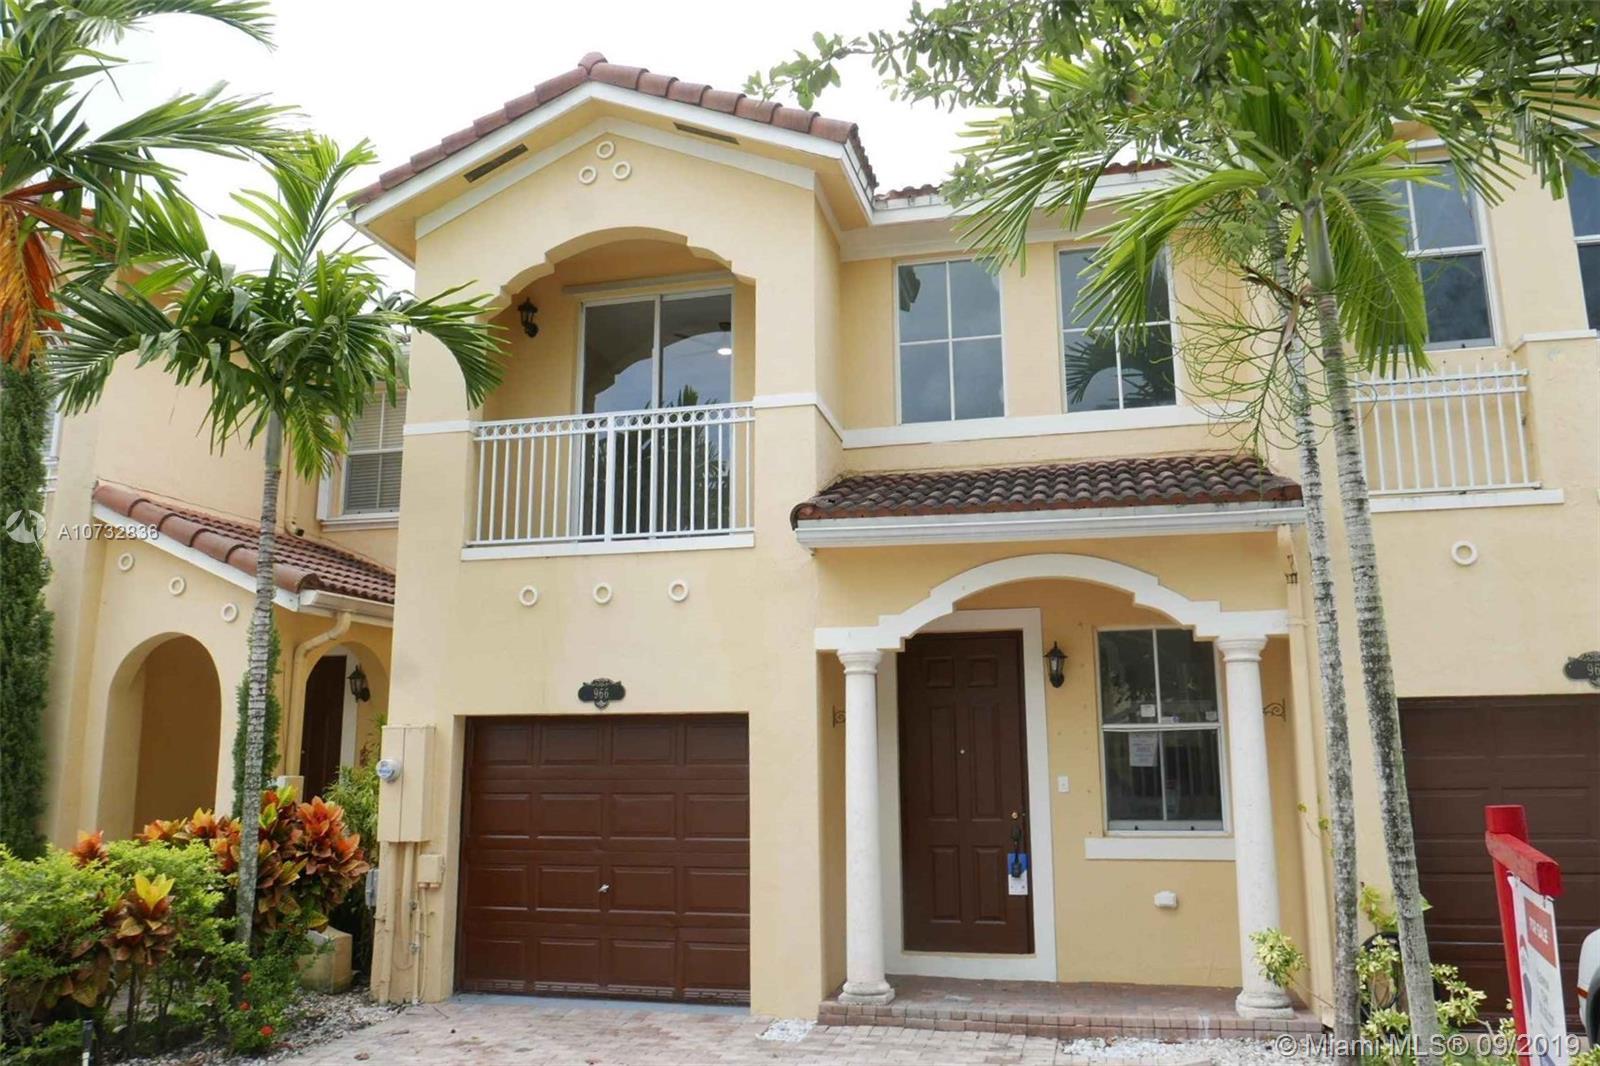 966 SW 151st Pl #966 For Sale A10732836, FL